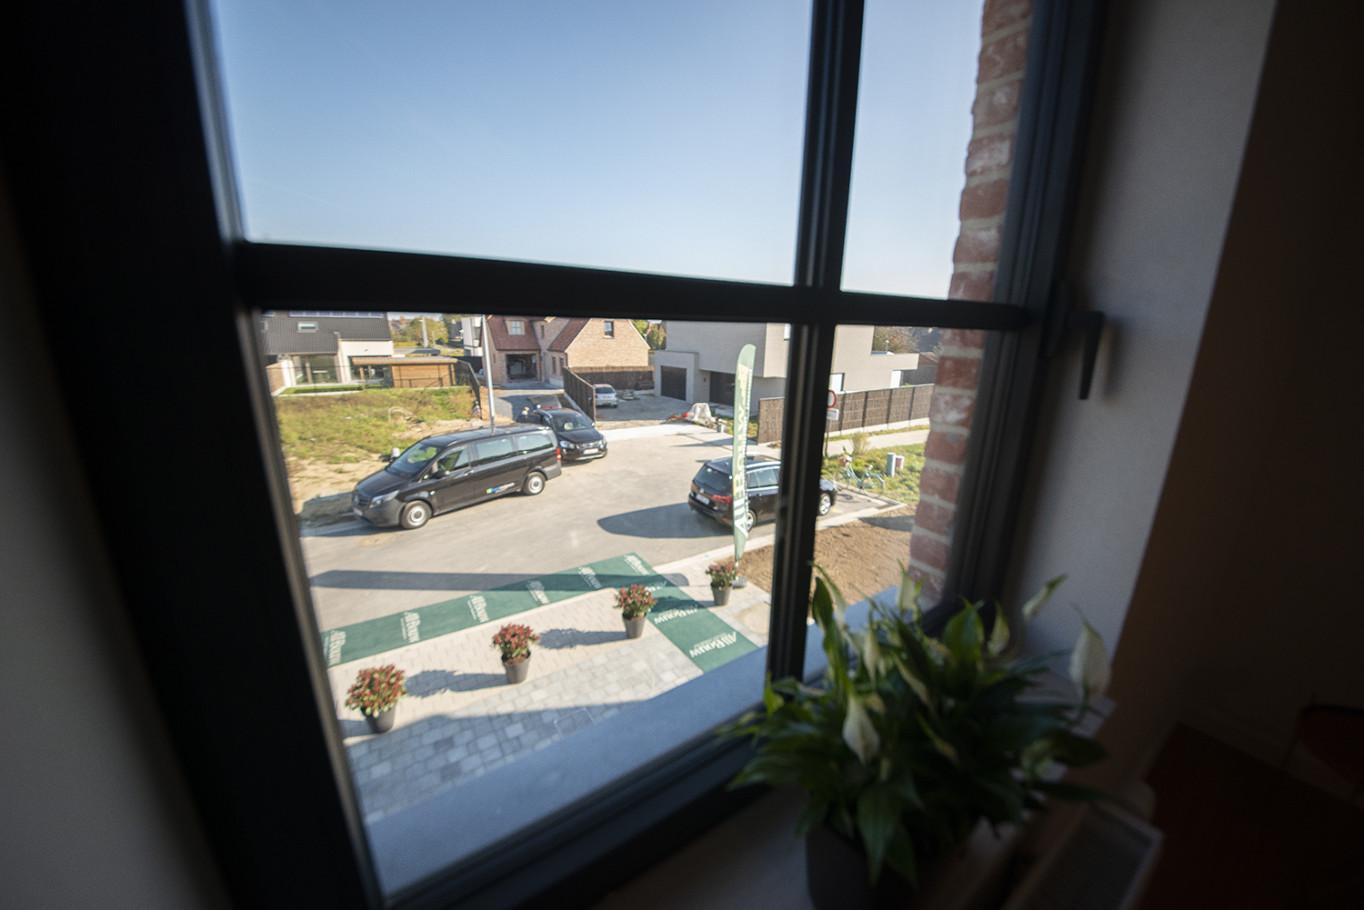 Uitzicht vanuit woning op verkaveling Te Groeneweghe in Roeselare